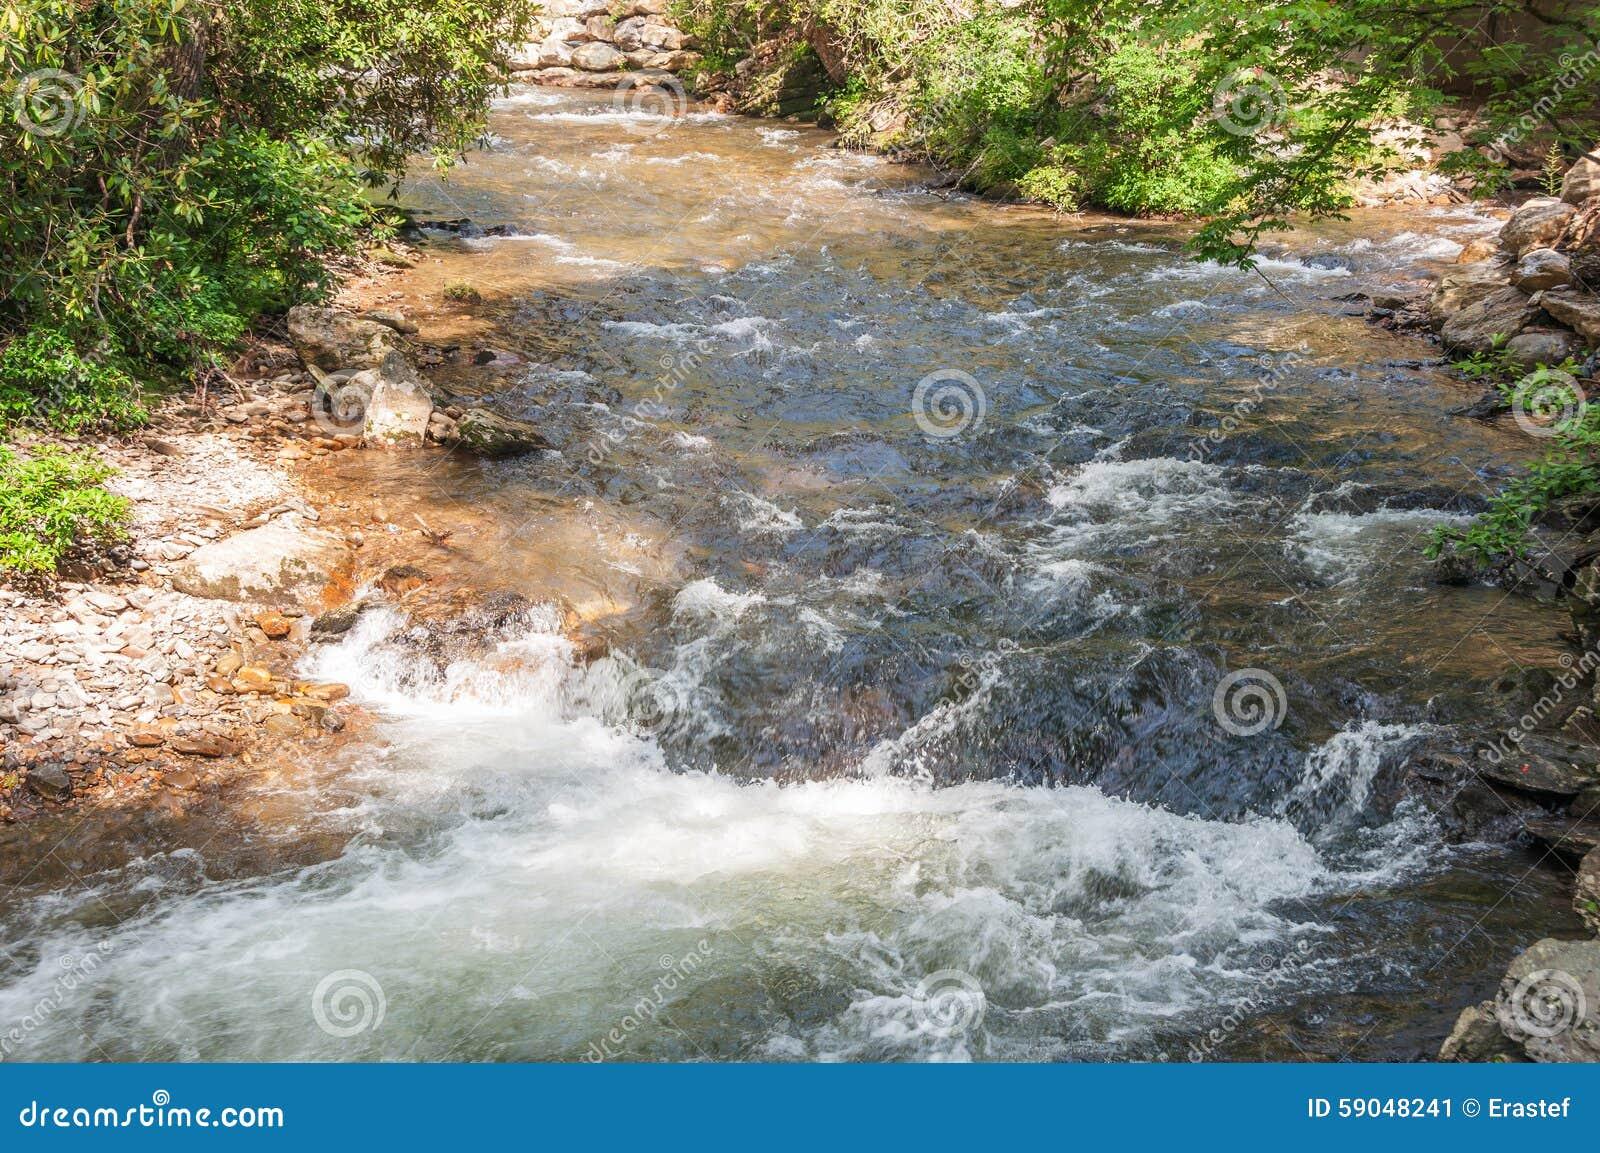 Coleman River junta-se a Tallulah River na floresta nacional de Chattahoochee